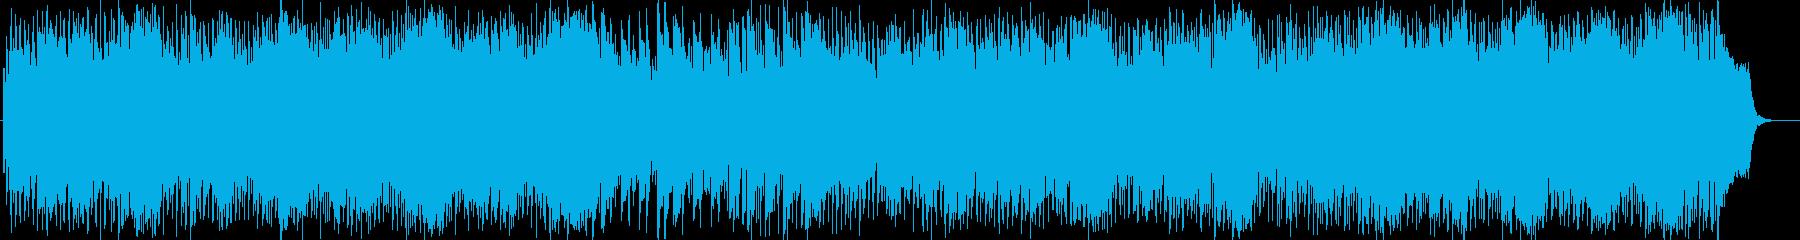 明るいキラキラなシンセサイザーの曲の再生済みの波形